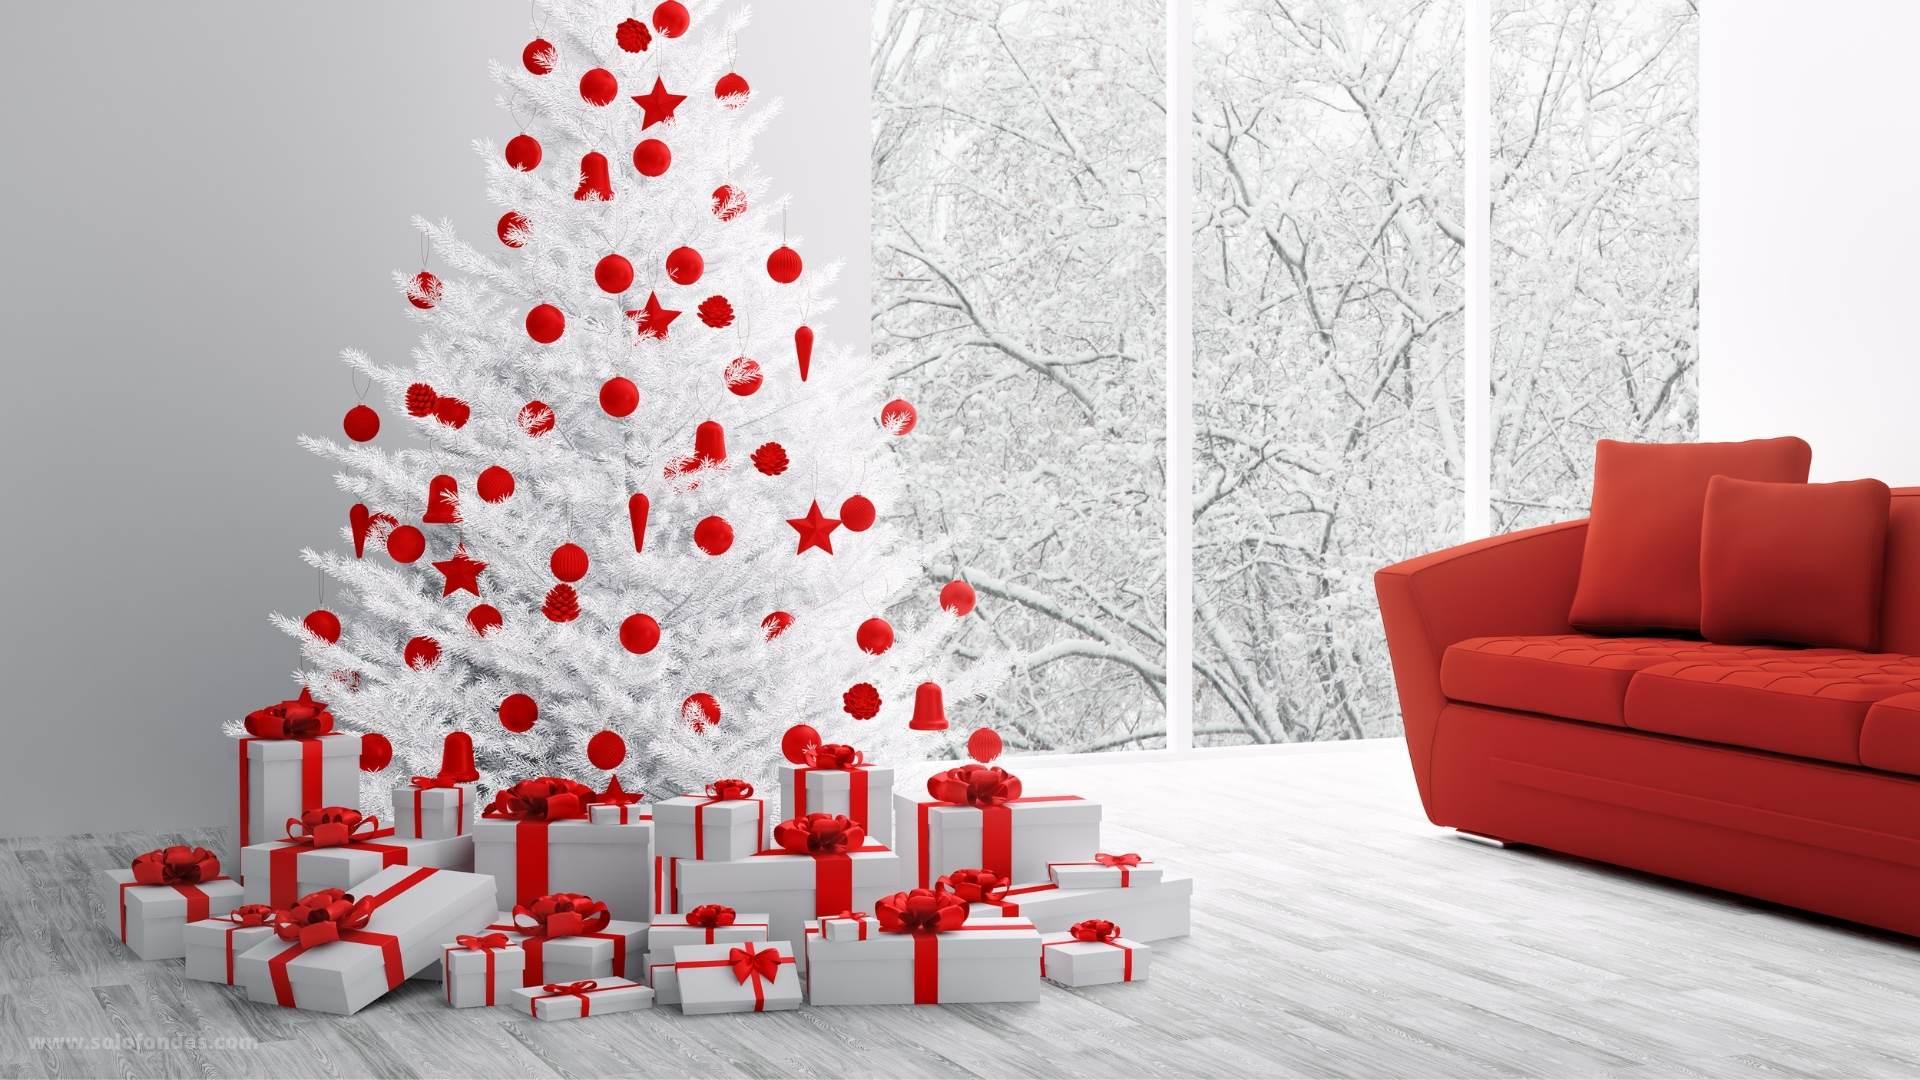 fondos belenes navideños